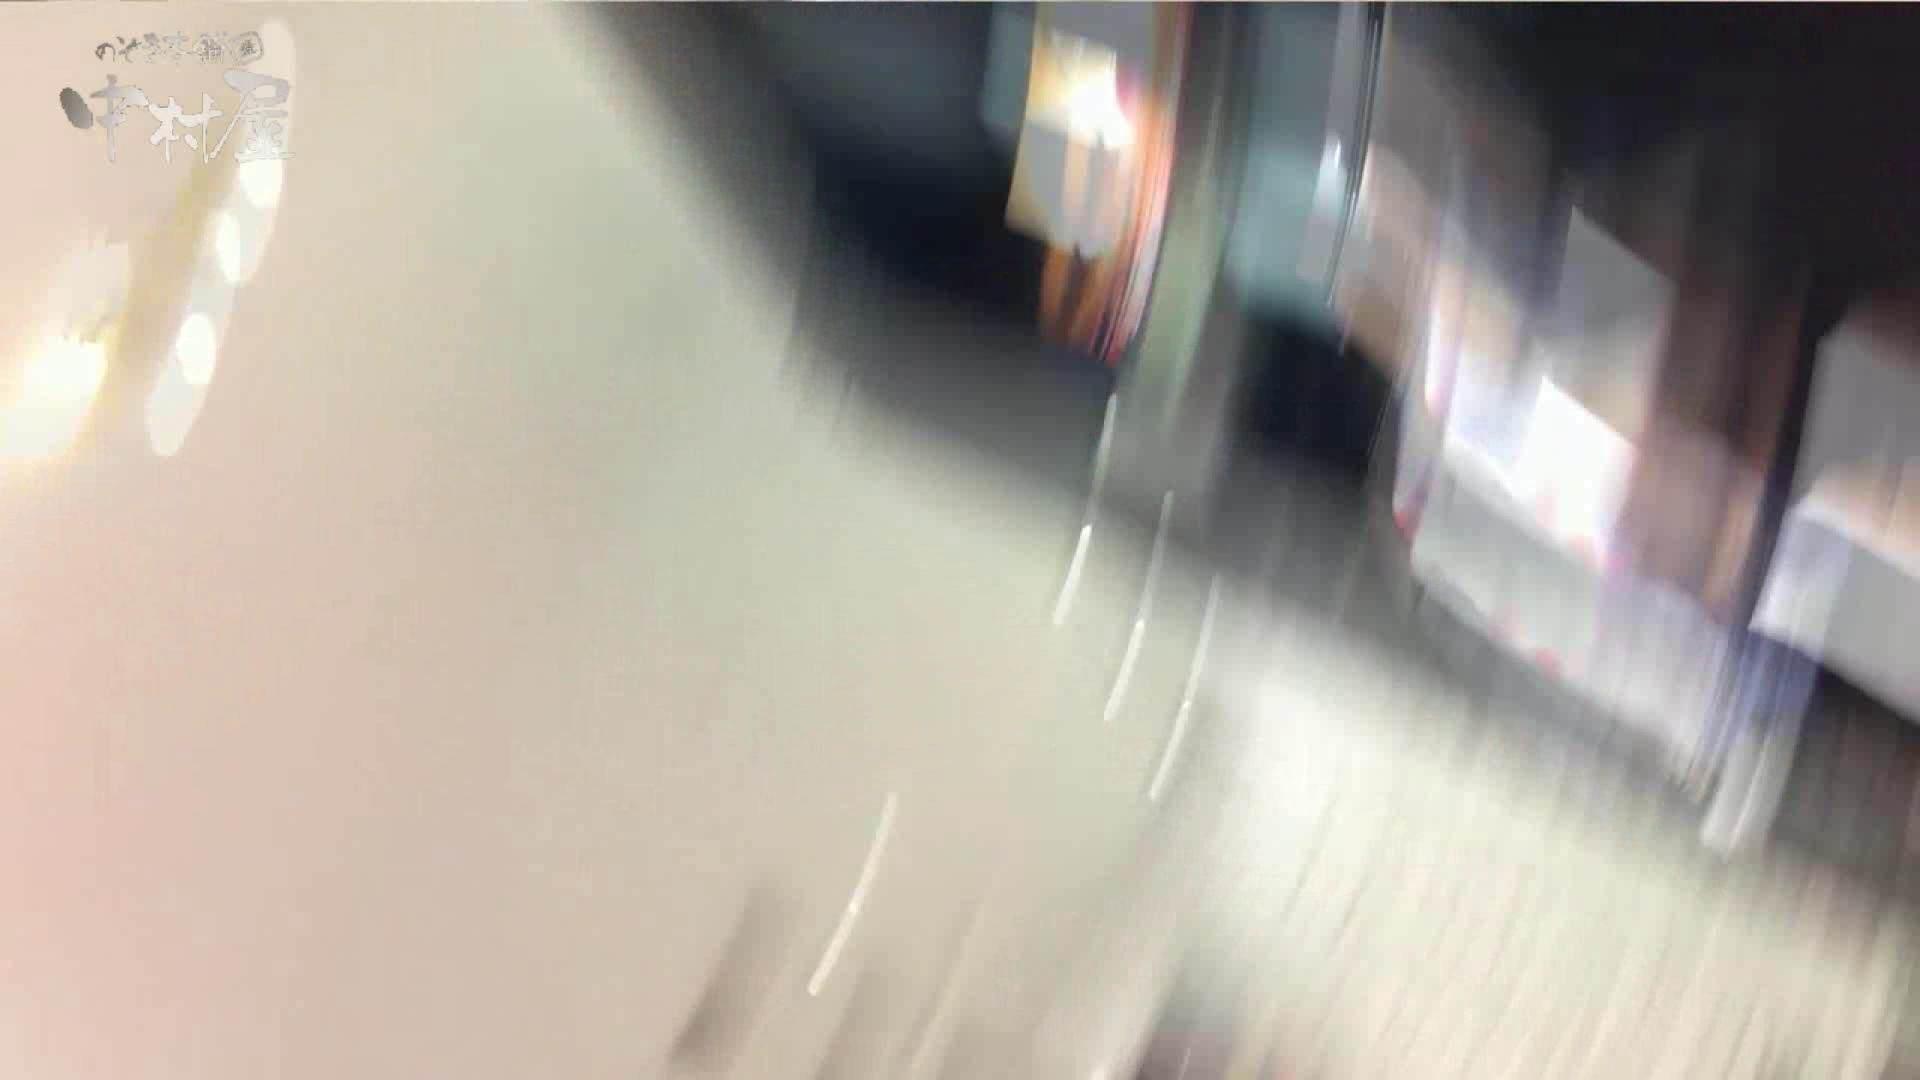 vol.77 美人アパレル胸チラ&パンチラ 緑のワンピにせまってみたw 胸チラ AV無料動画キャプチャ 107pic 29